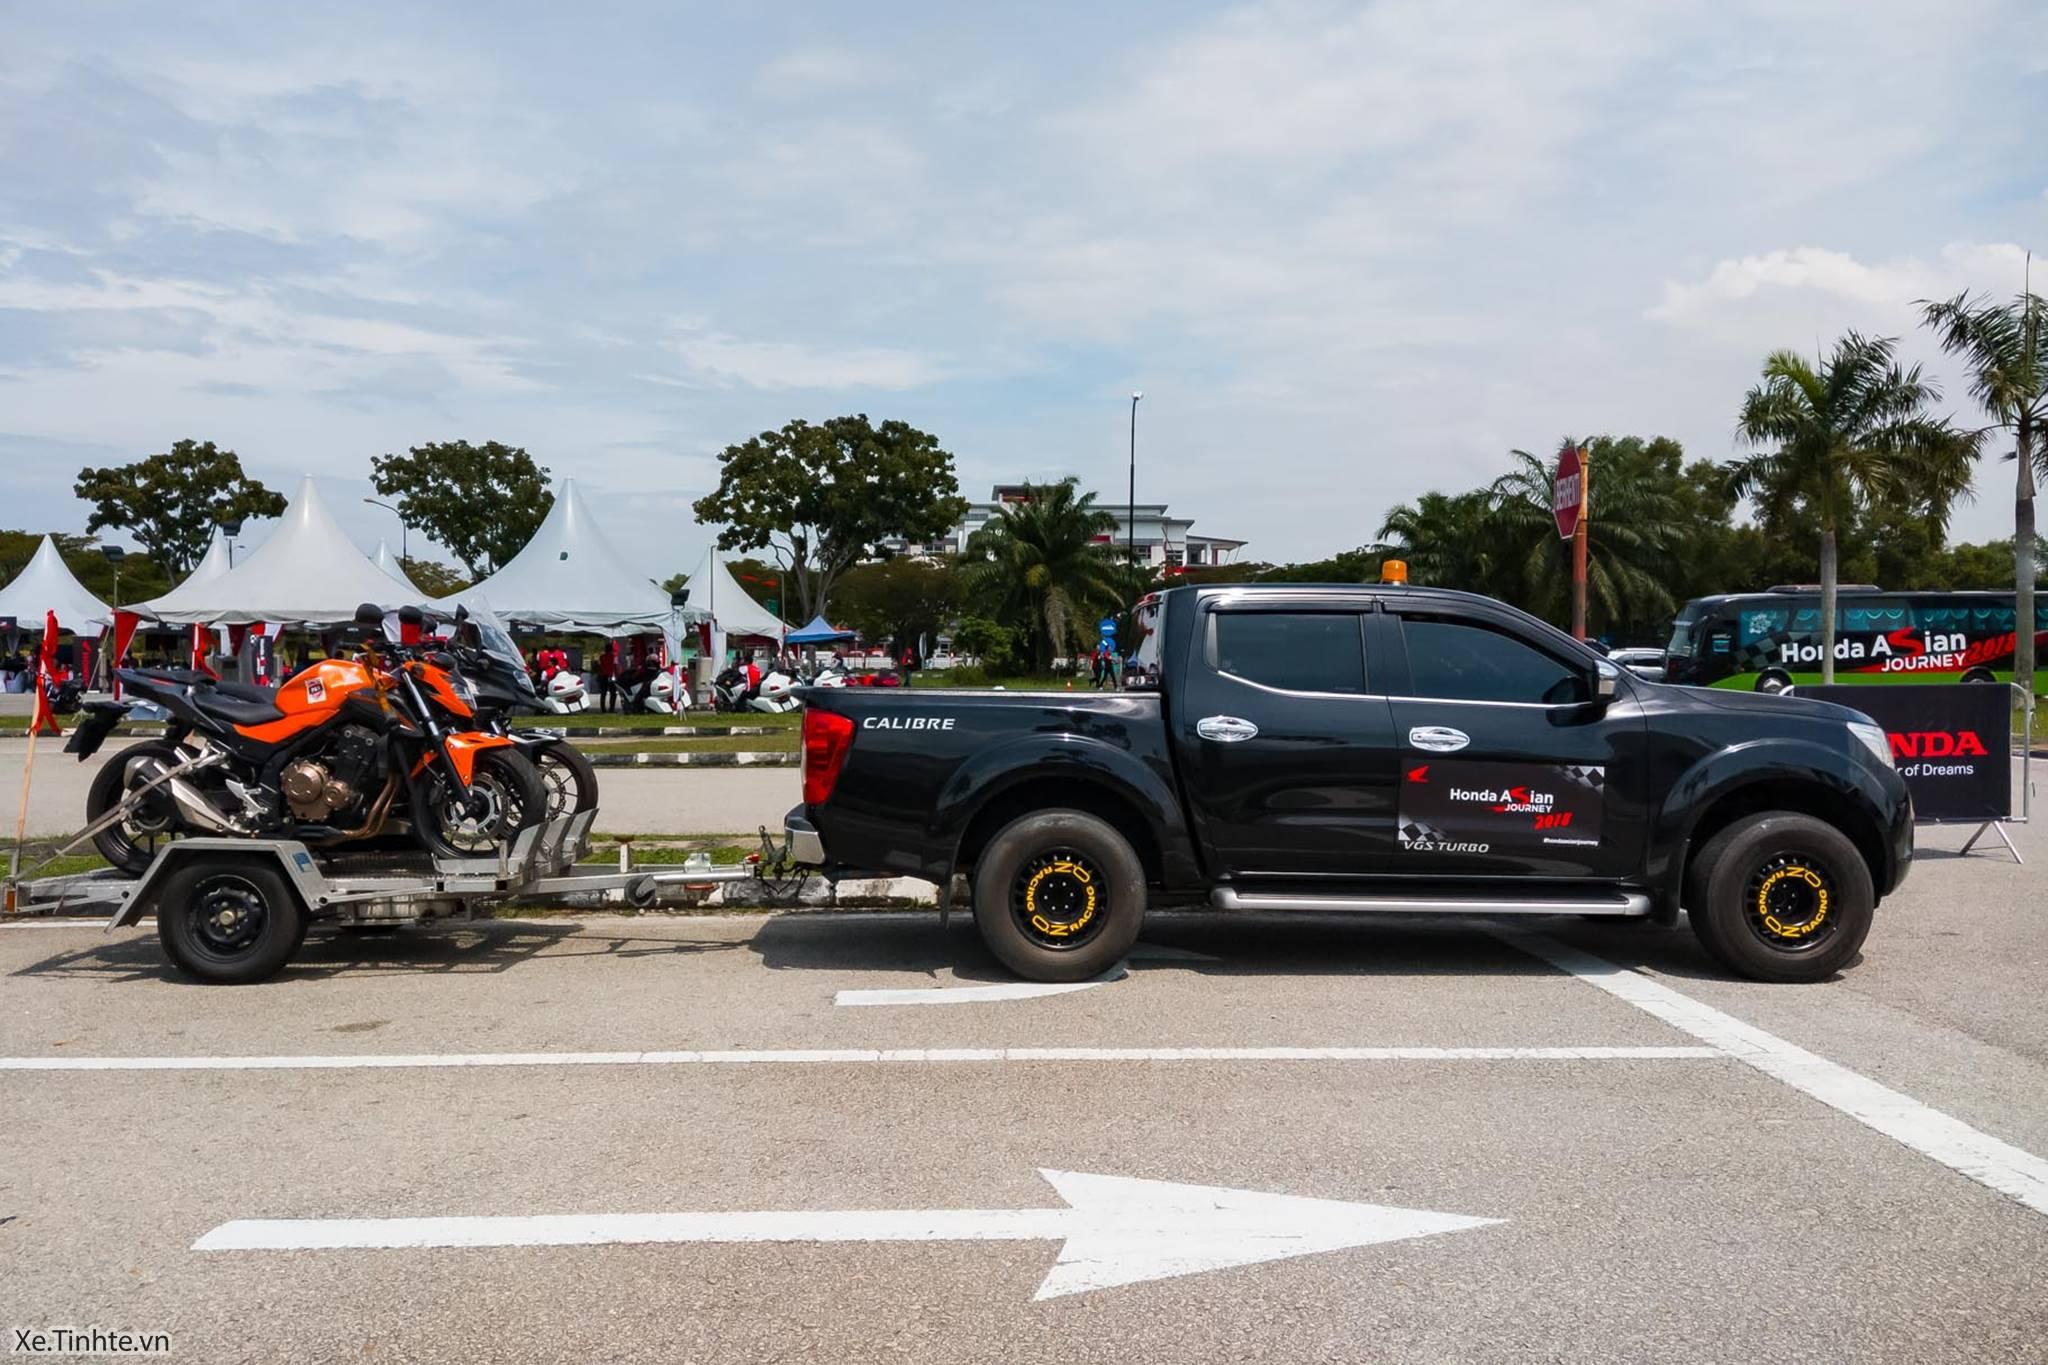 Honda_Asian_Journey_2018_Xe_Tinhte_IMAG0347.jpg